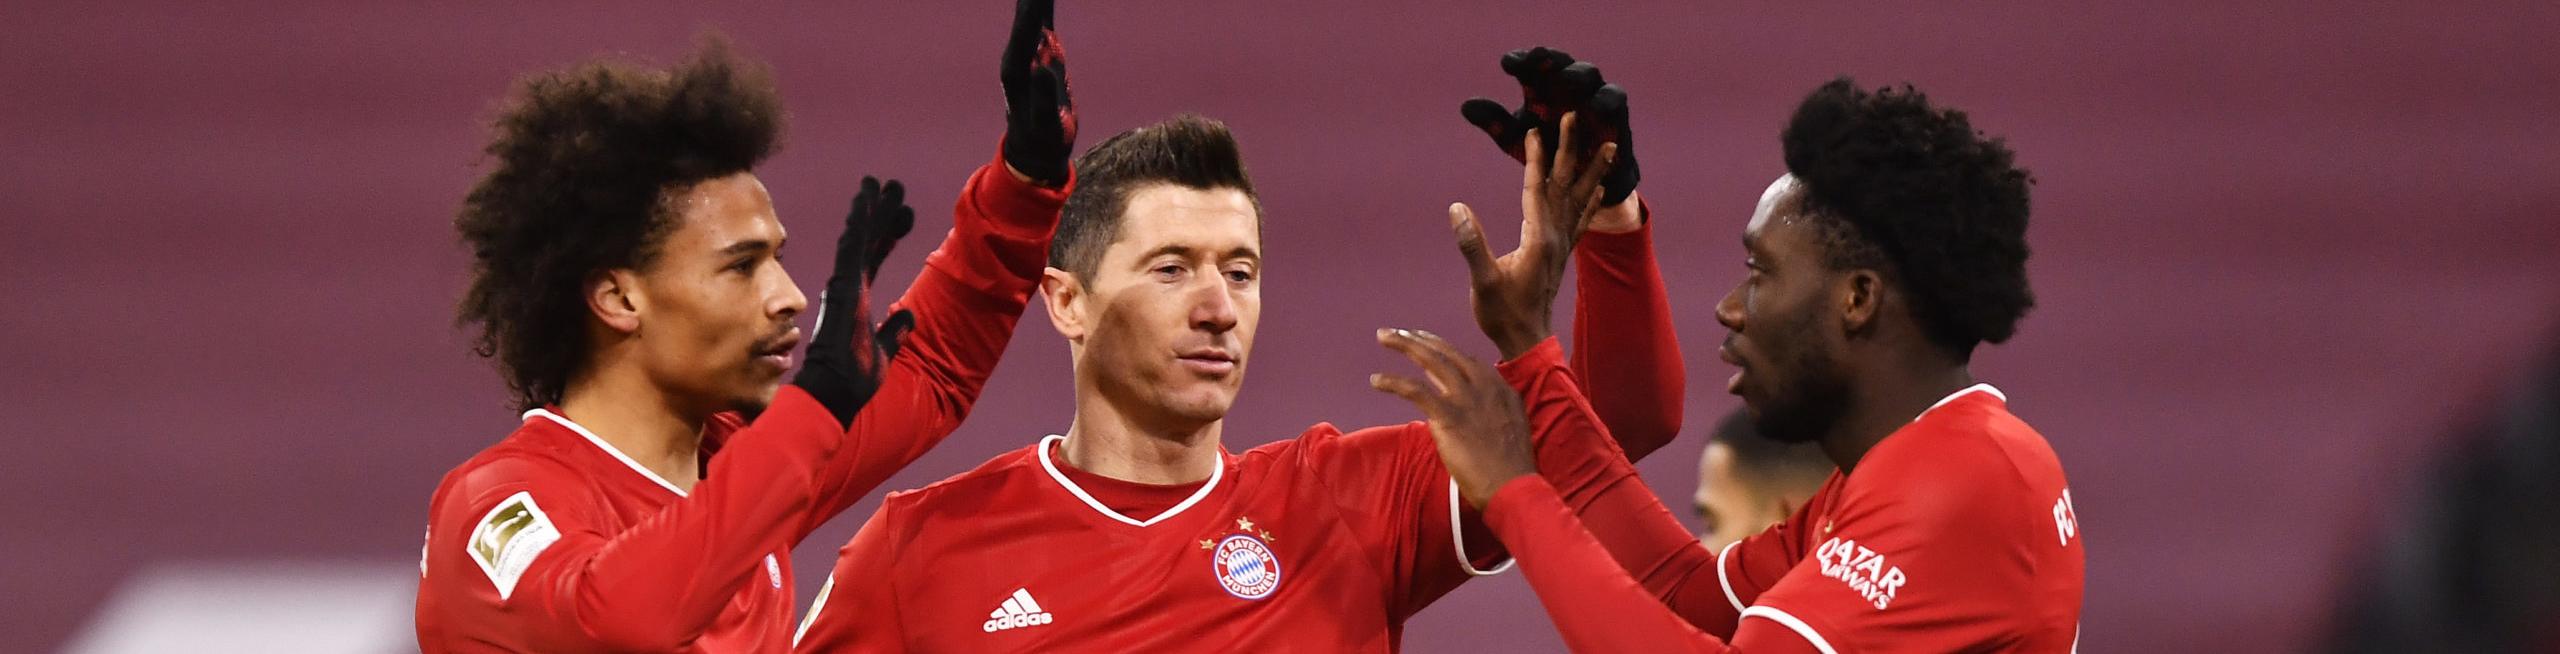 Borussia Monchengladbach-Bayern Monaco: i bavaresi preparano l'allungo